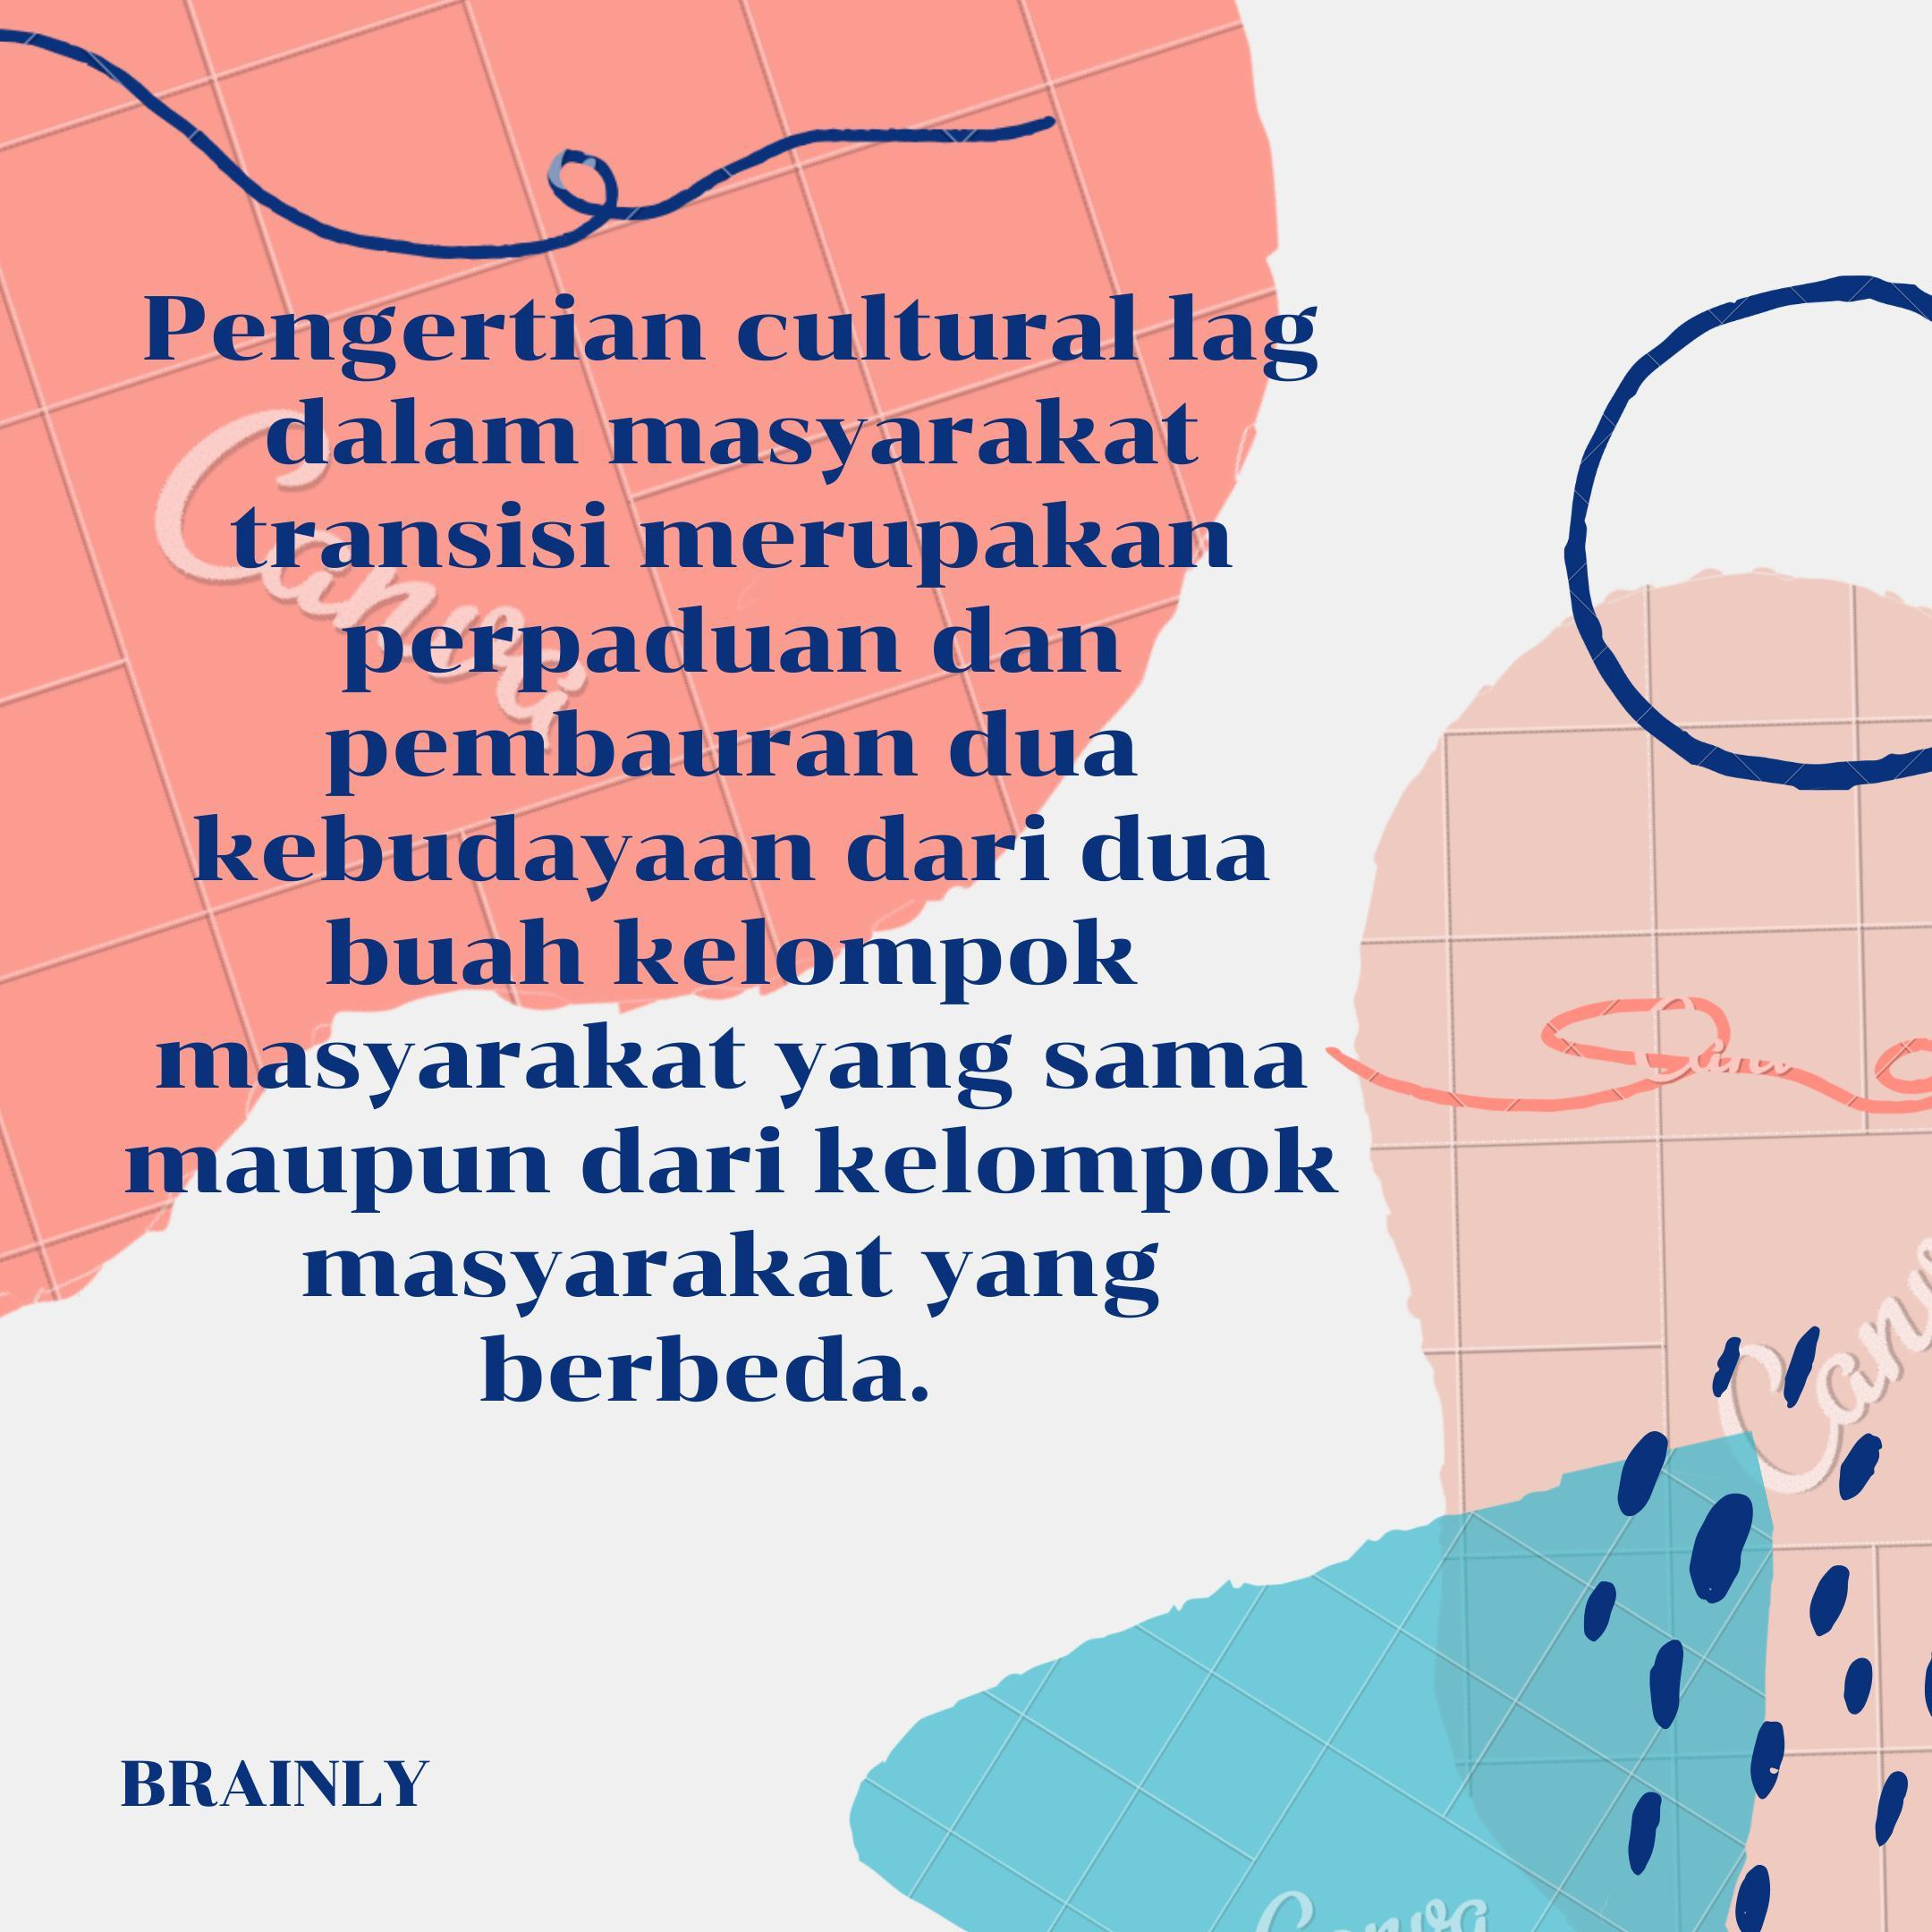 apa yang di maksud dengan cultural lag dalam masyarakat ...